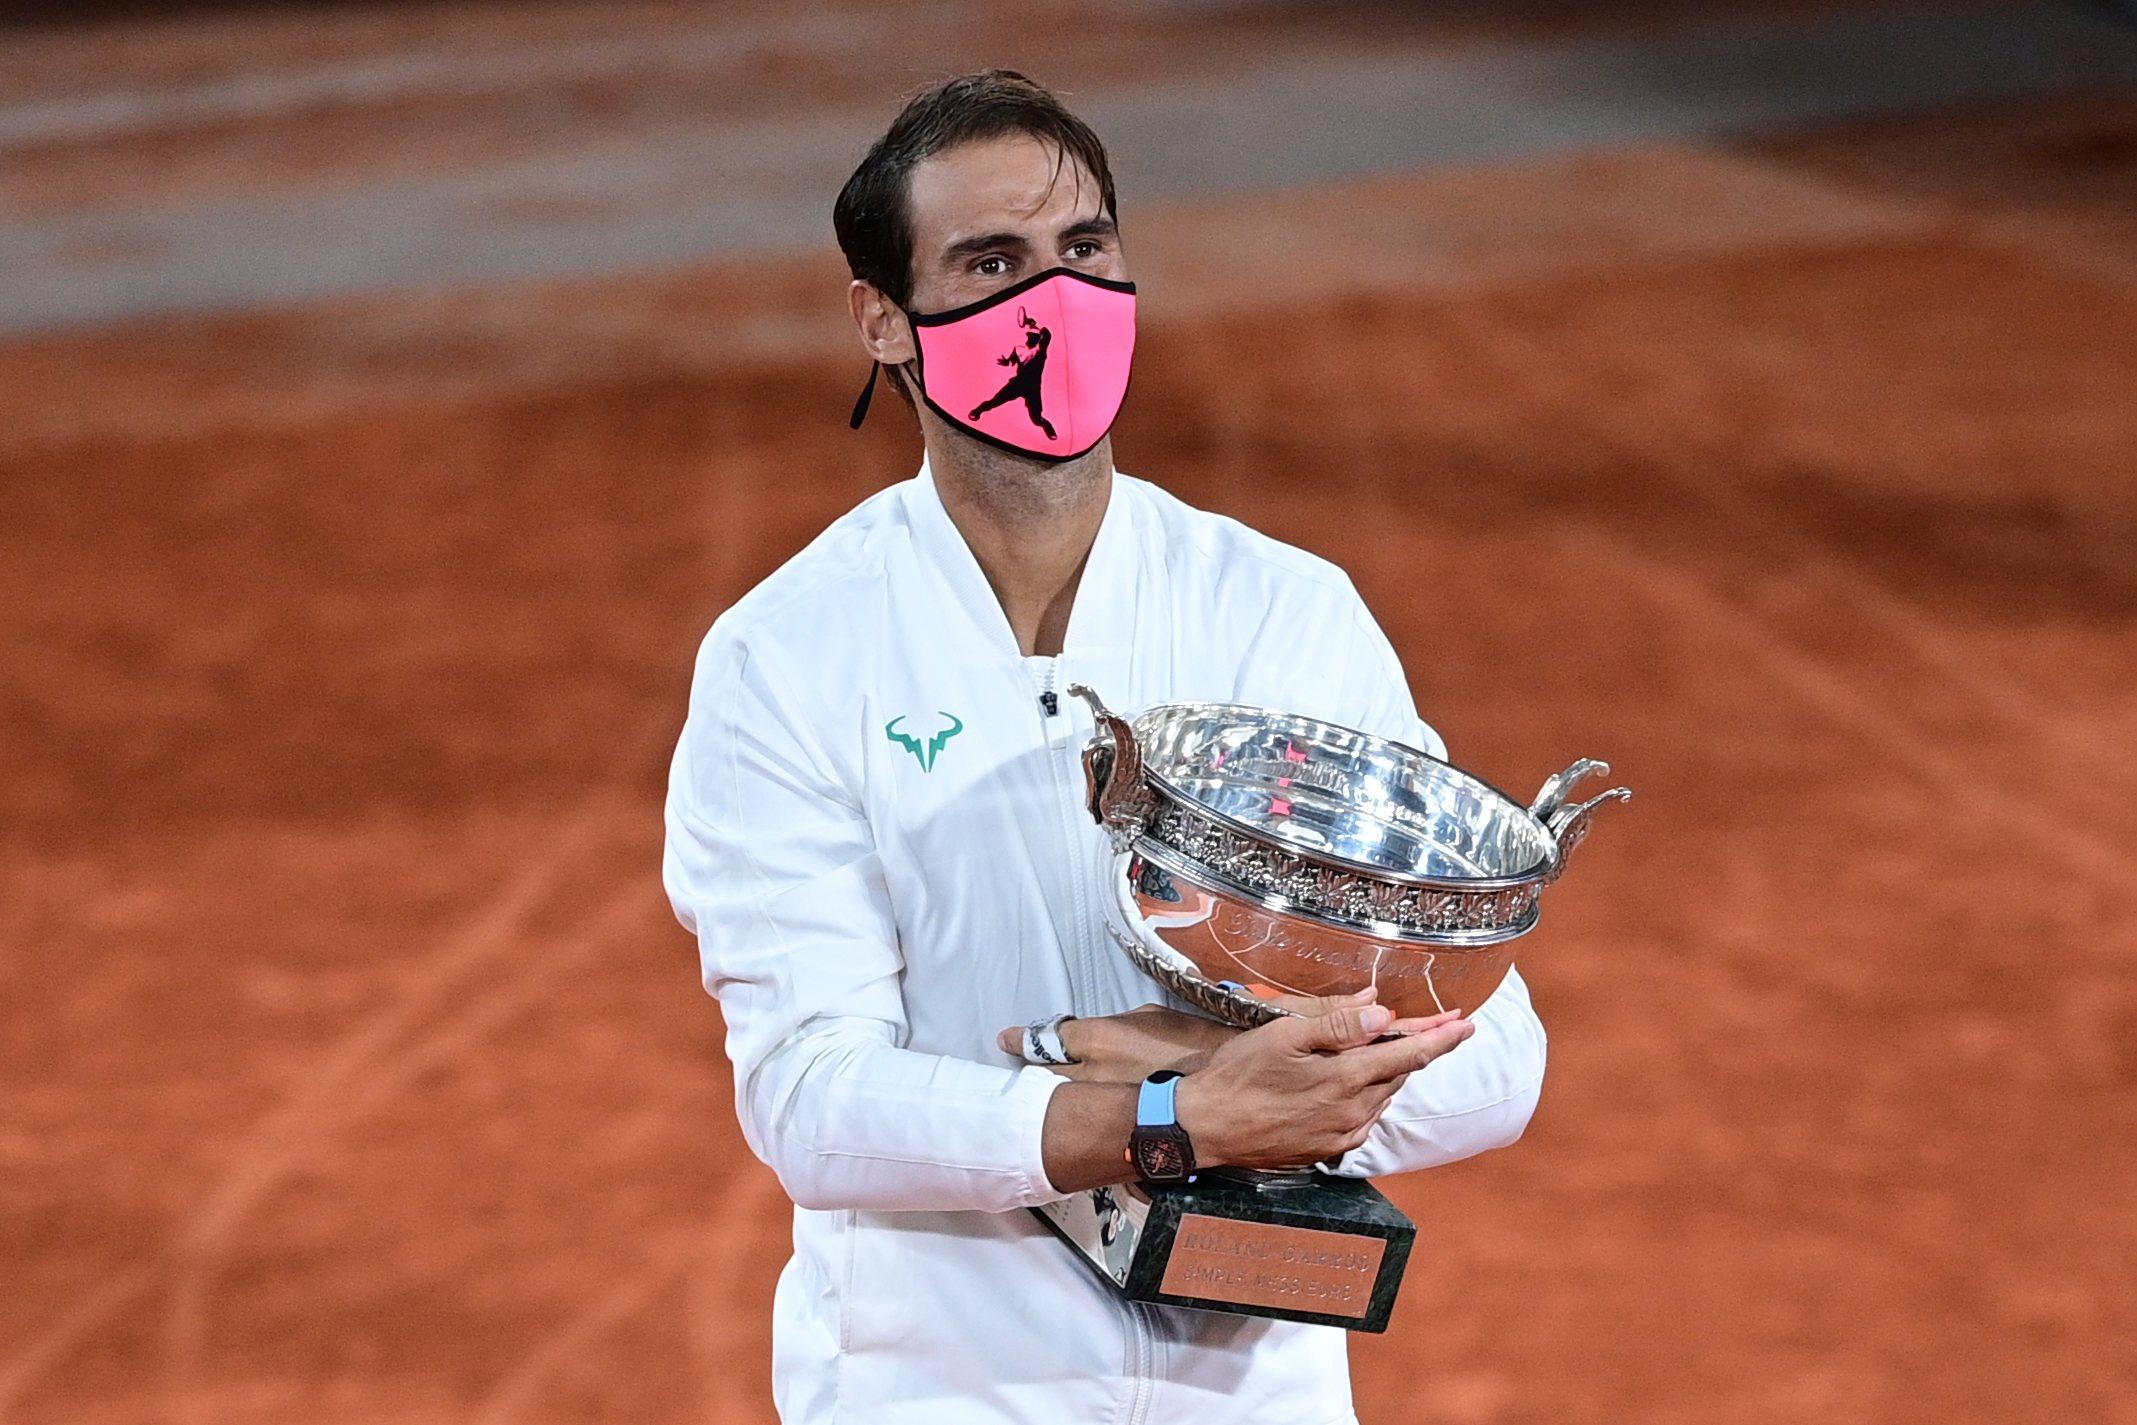 Najtrudniejsze w oczach Nadala edycje Roland Garros